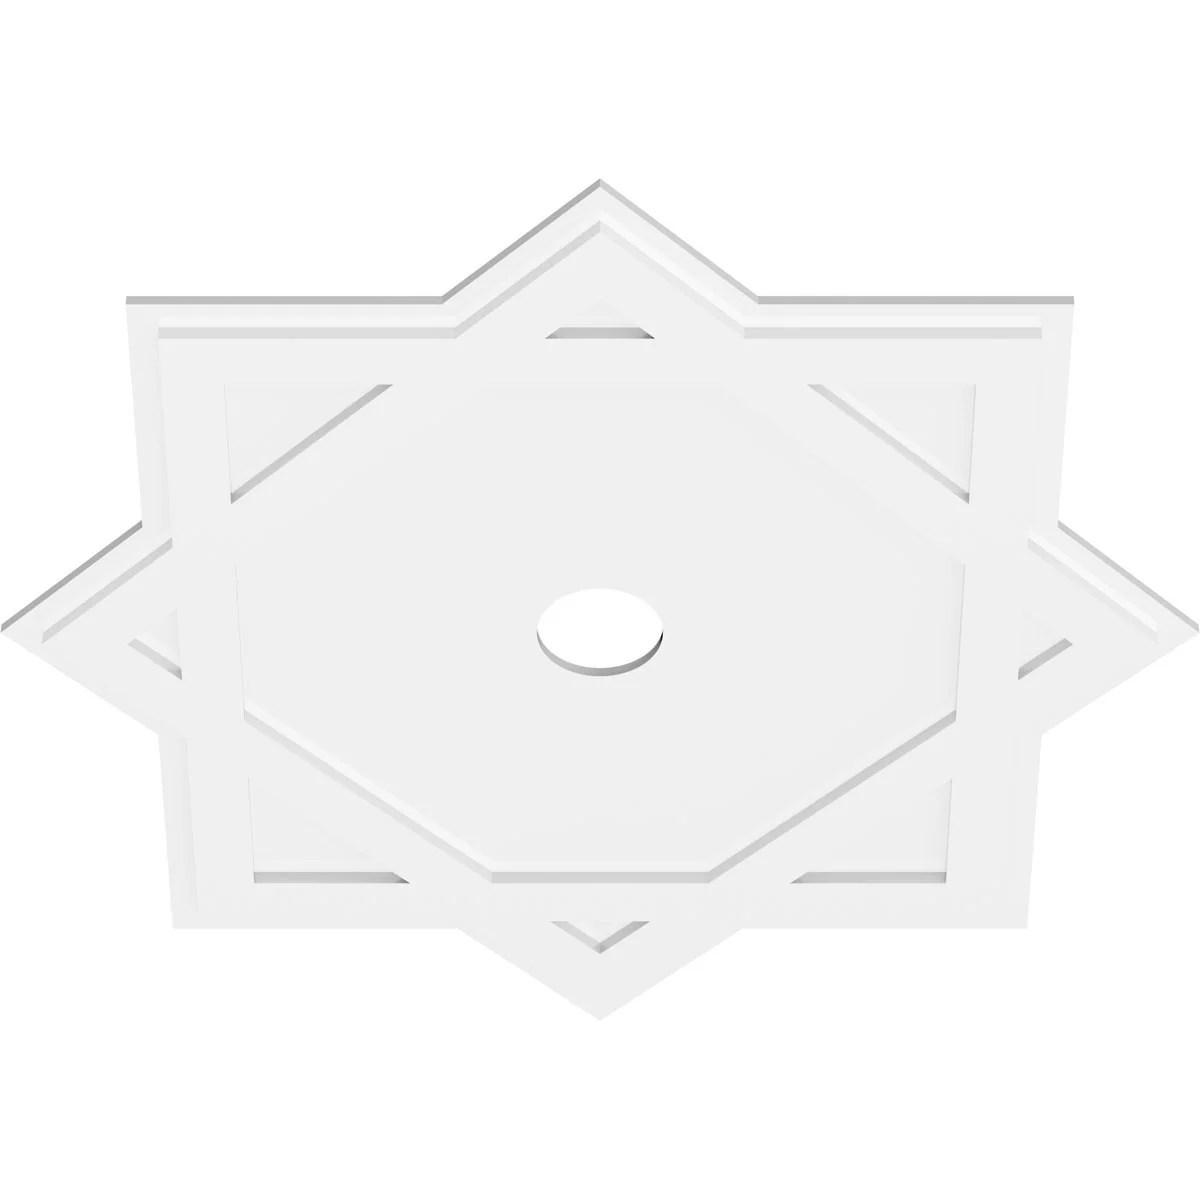 Ekena Millwork Axel Architectural Grade Pvc Ceiling